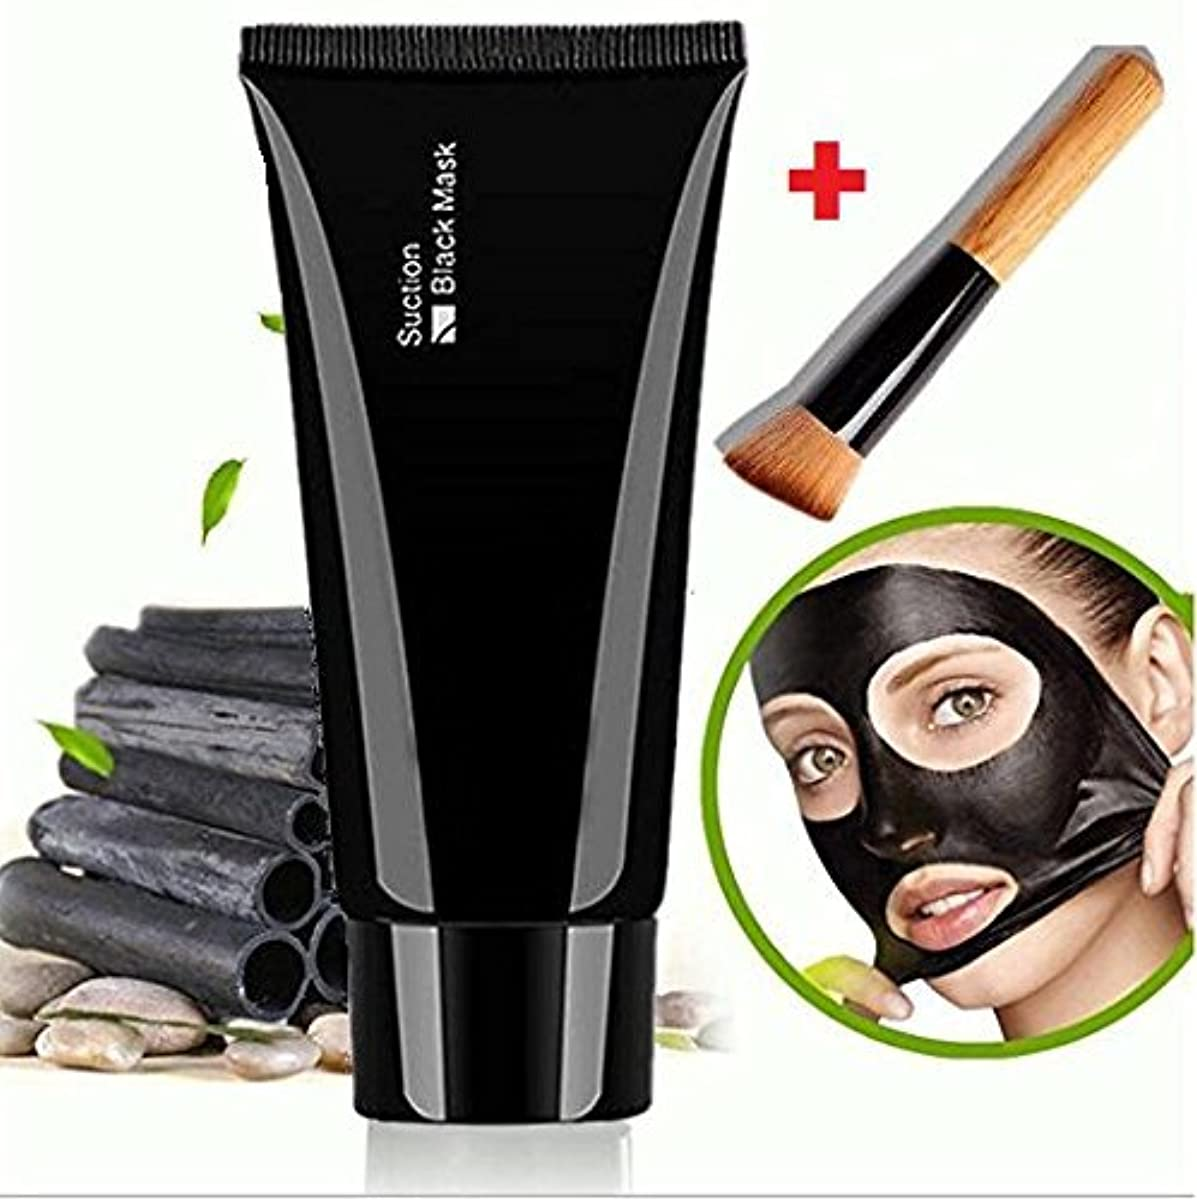 音つなぐインスタンスFacial Mask Black, Face Apeel Cleansing Mask Deep Cleanser Blackhead Acne Remover Peel off Mask + Wooden Brush